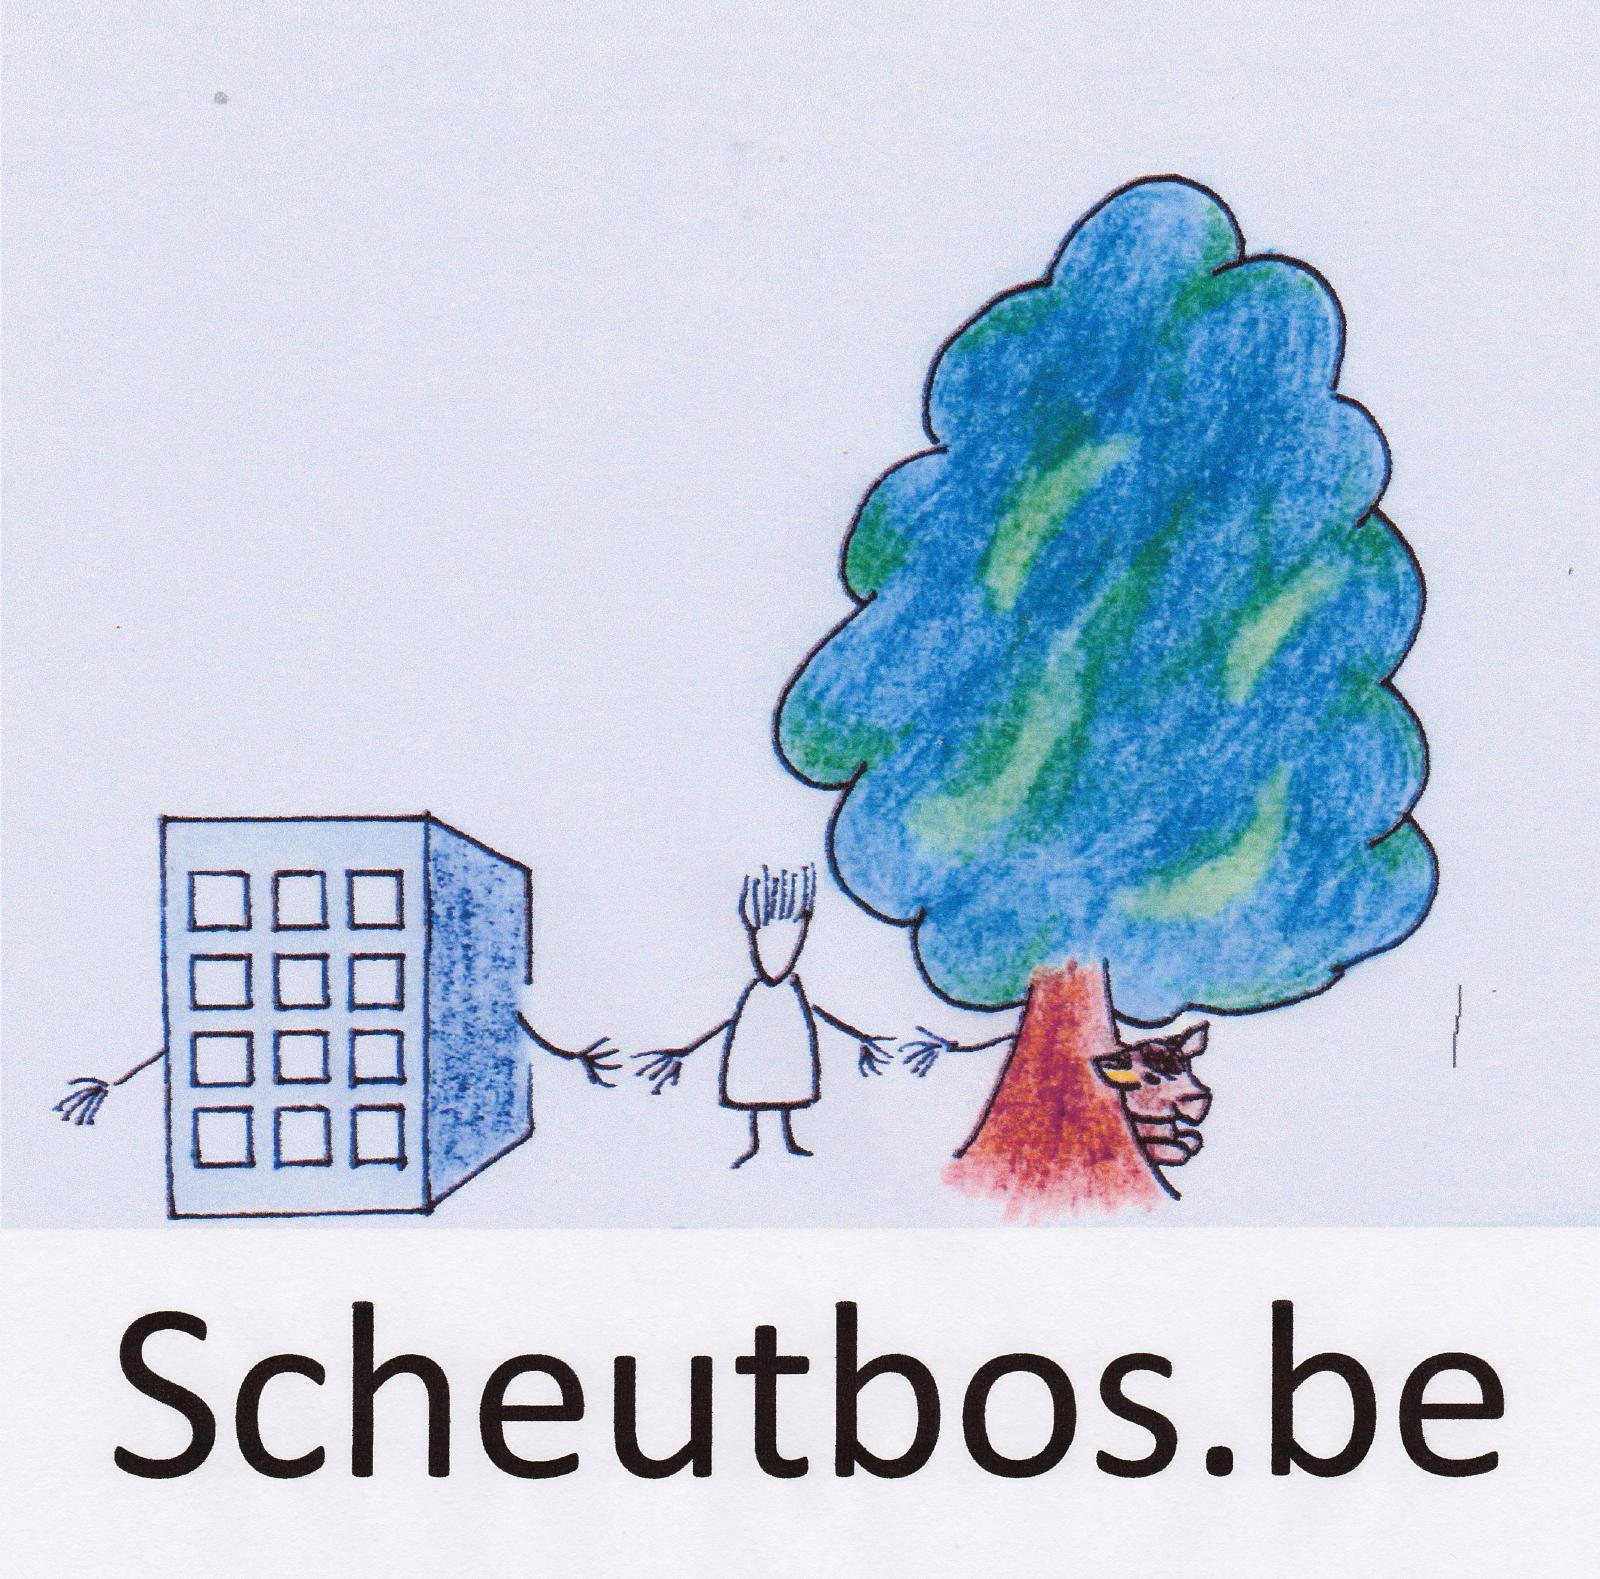 Logo scheutbos jpg